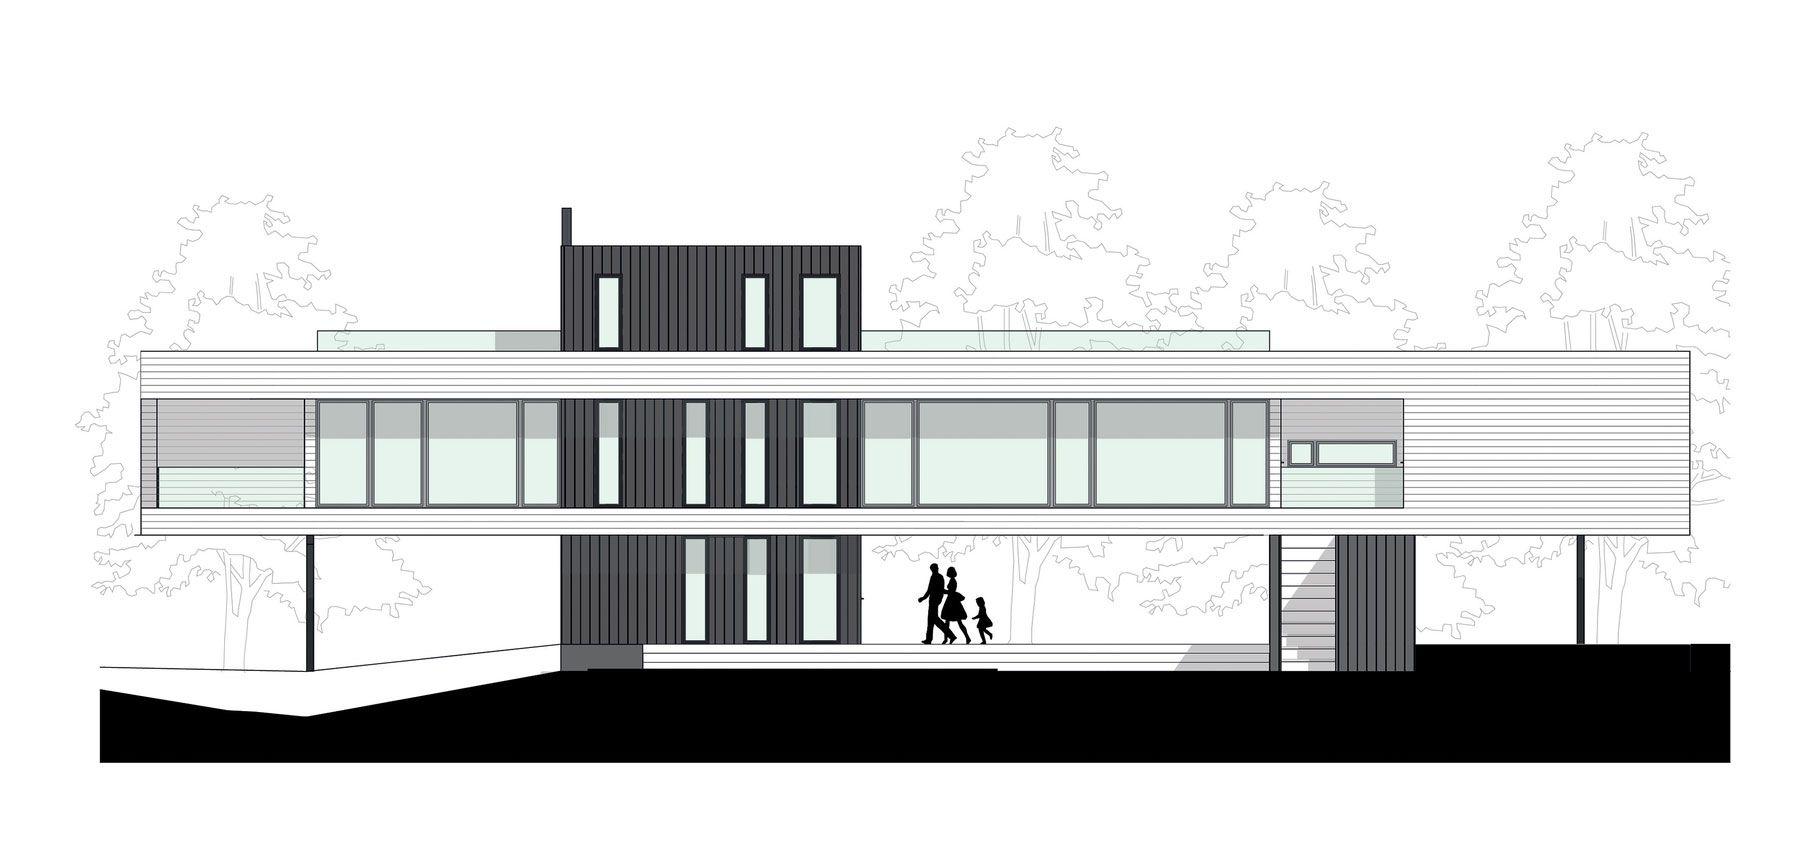 Villa-S-Saunders-Architecture-22